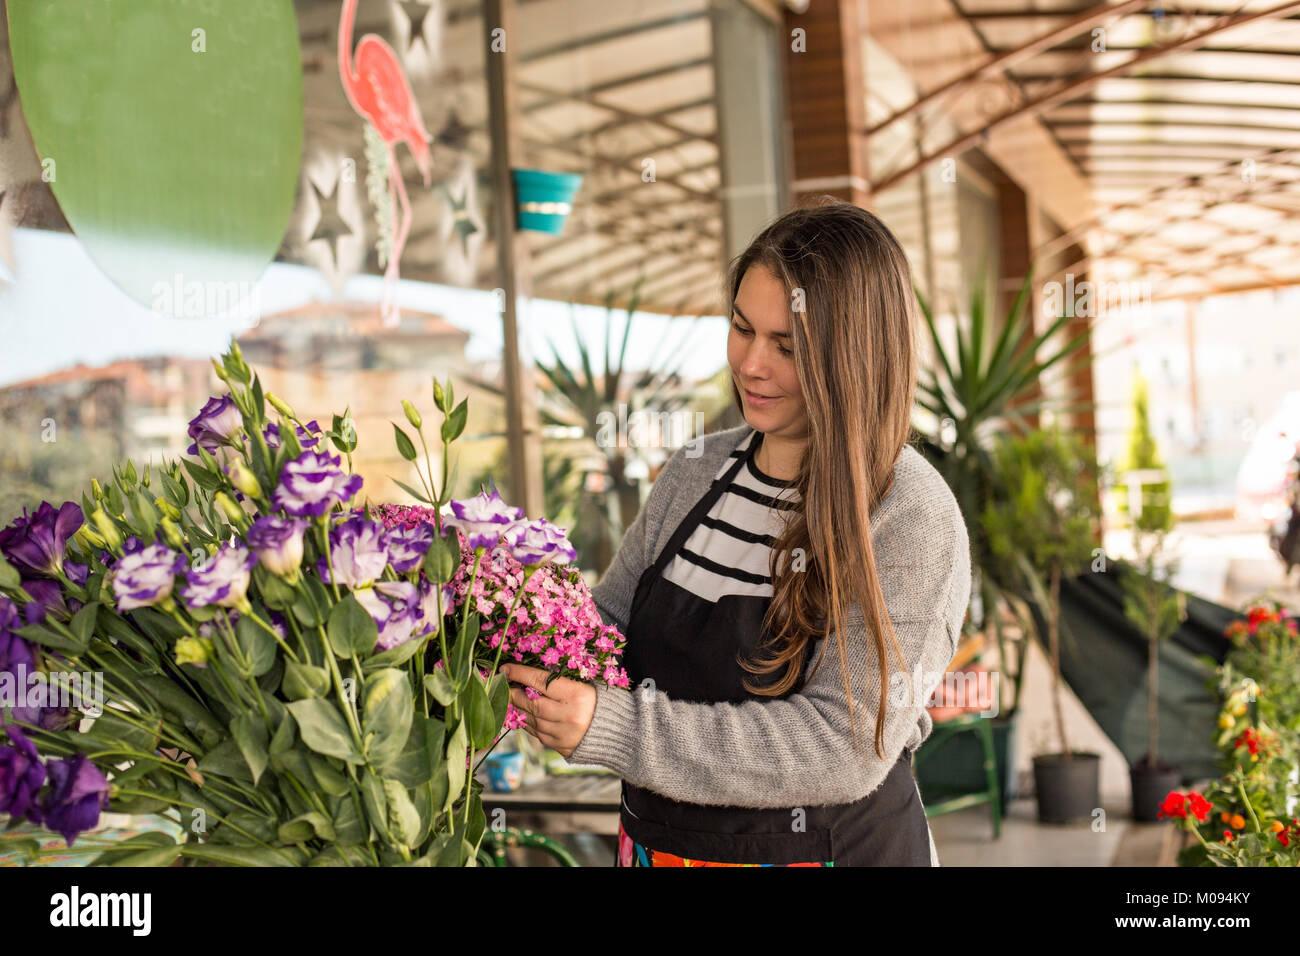 Small business concept. Femme Smilng la cueillette des fleurs fleuriste dans un magasin de fleur. Composition horizontale Photo Stock